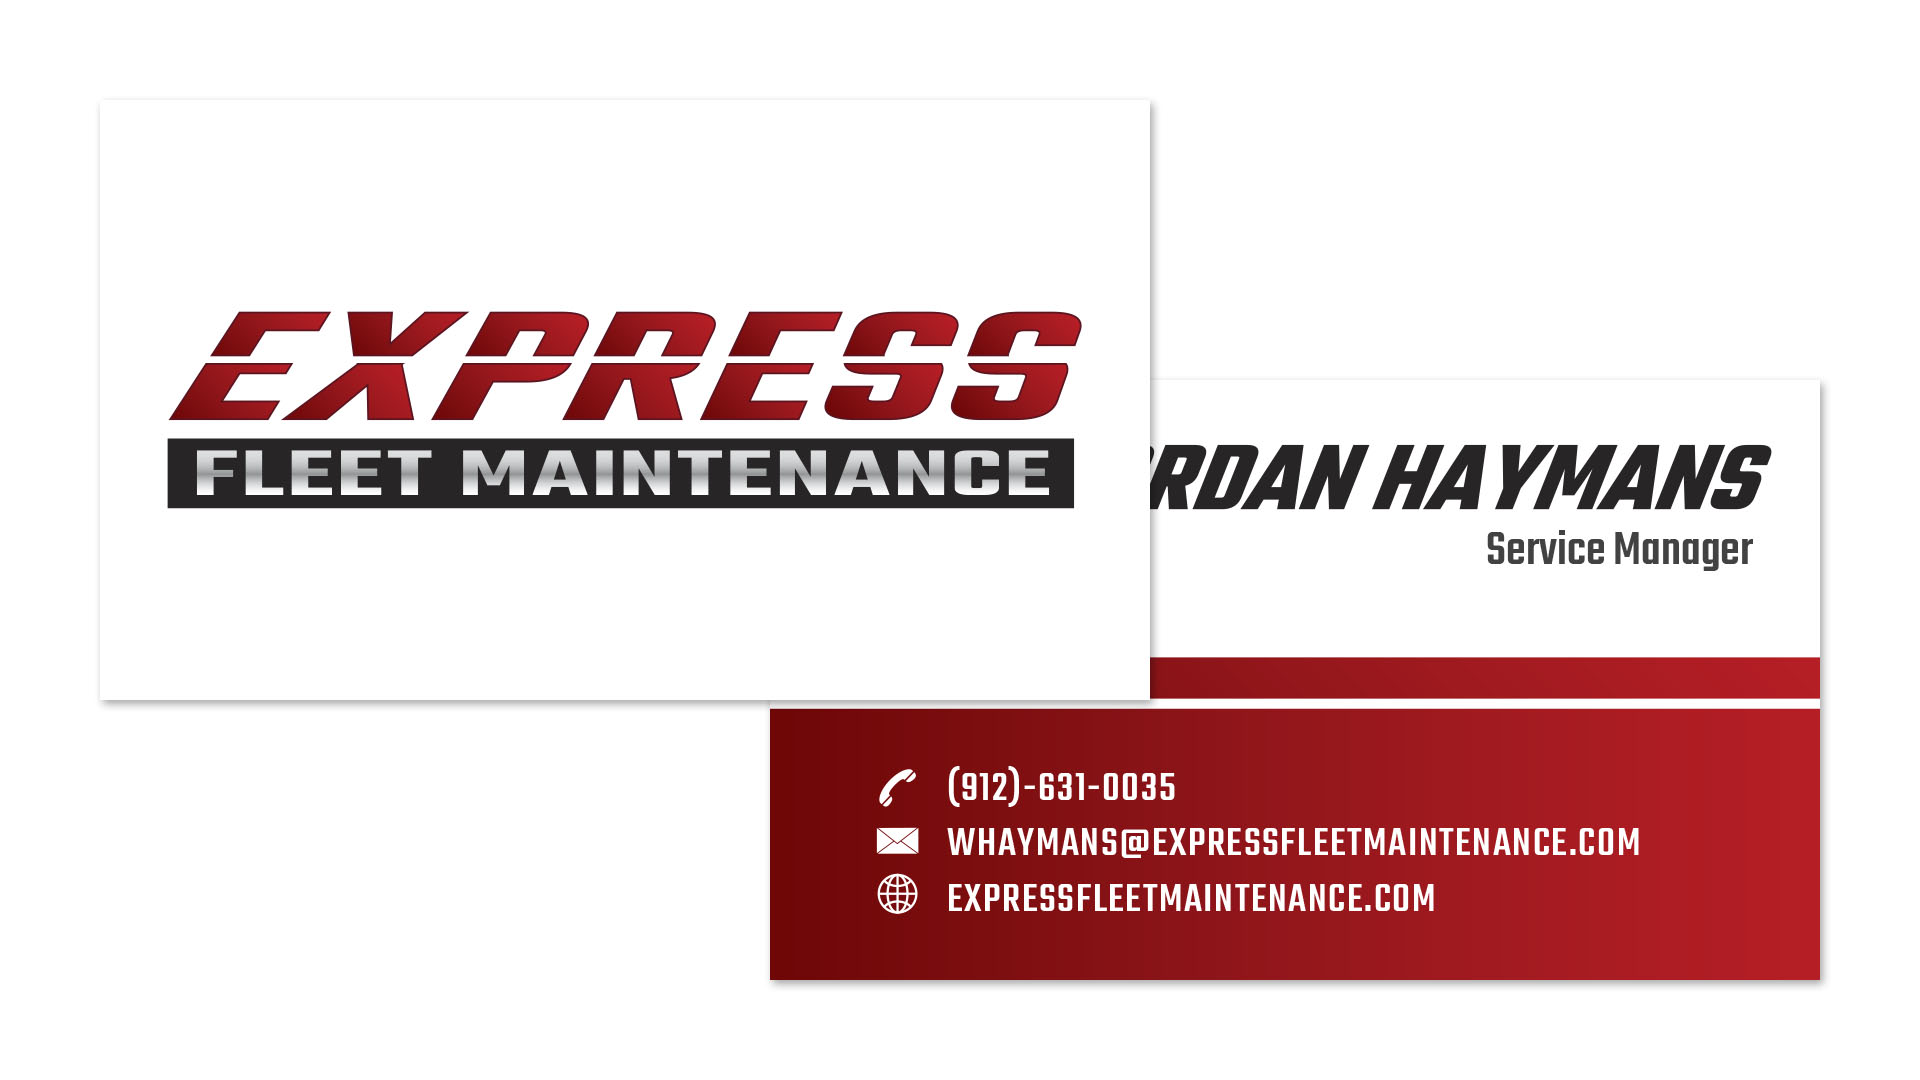 Express Fleet Maintenance business cards - Speros - Savannah, GA